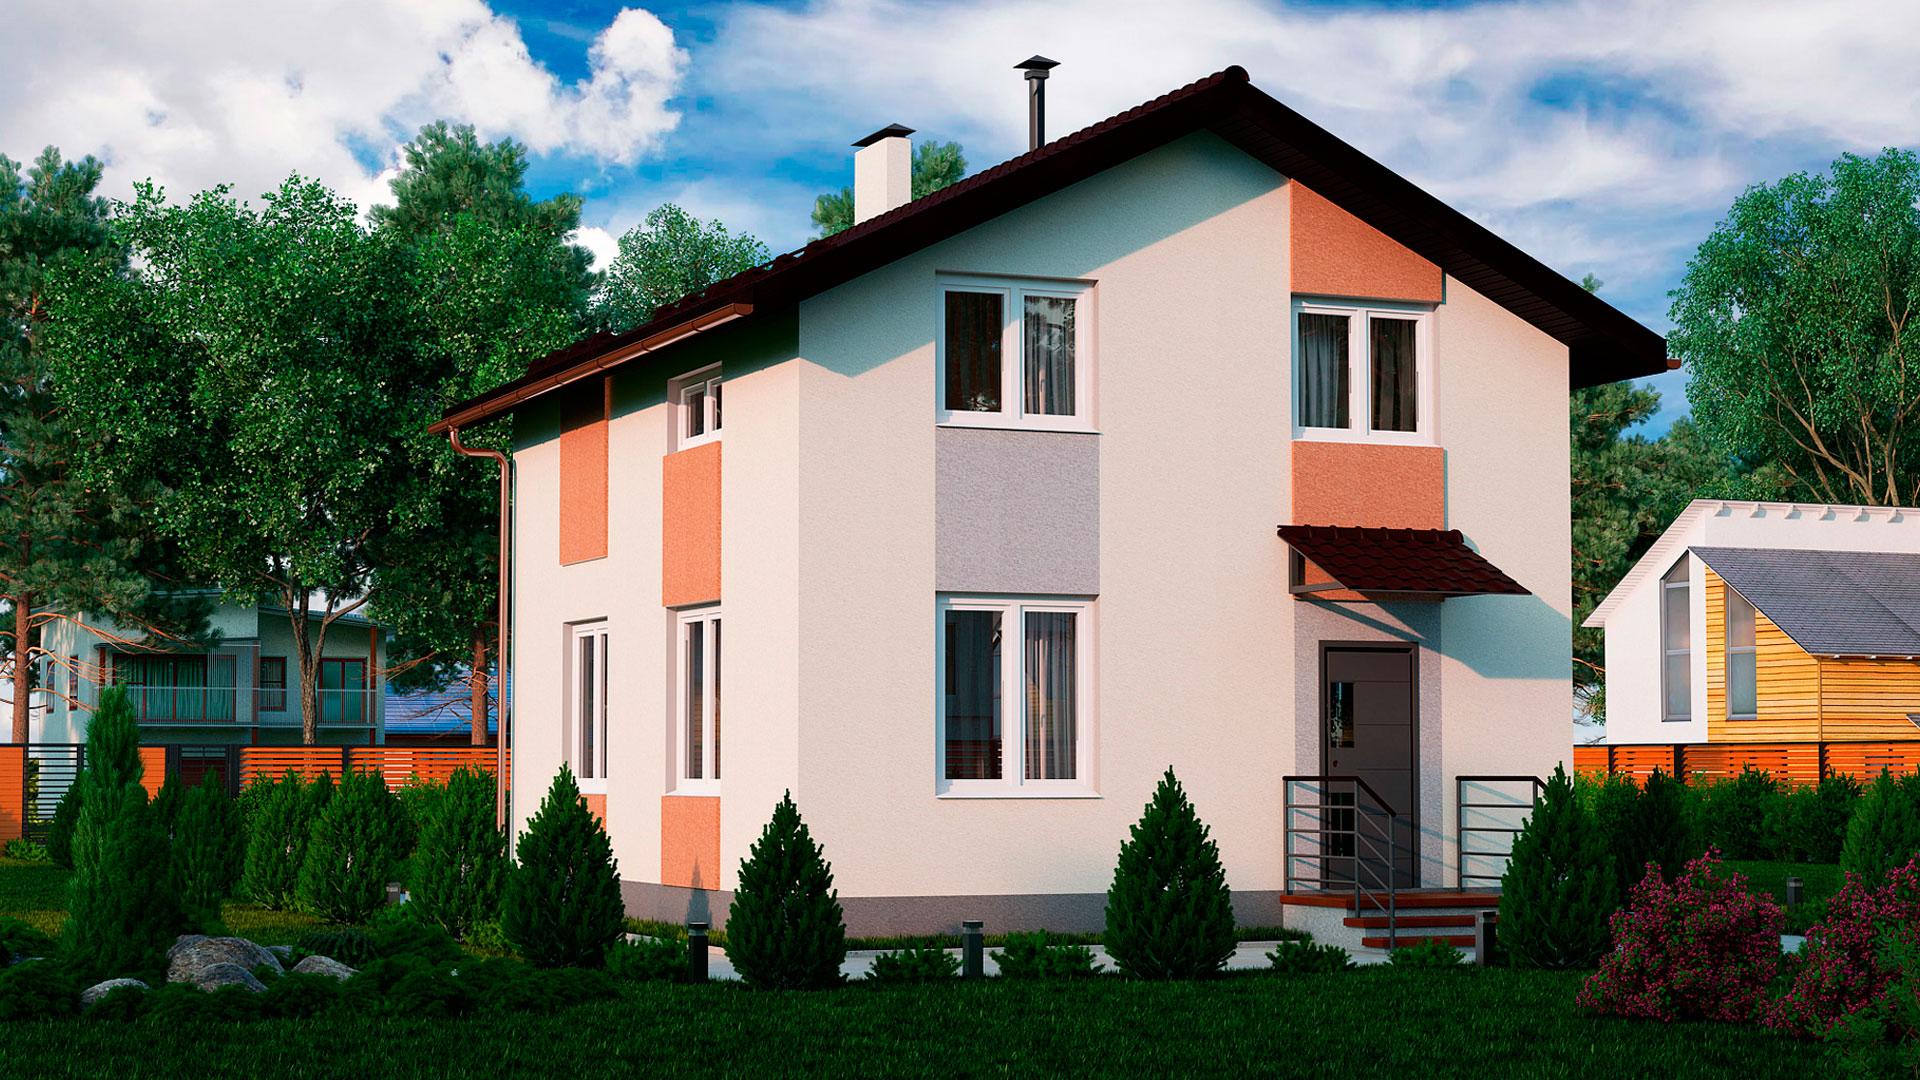 Передний фасад двухэтажного дома, проект БЭНПАН МС-97.